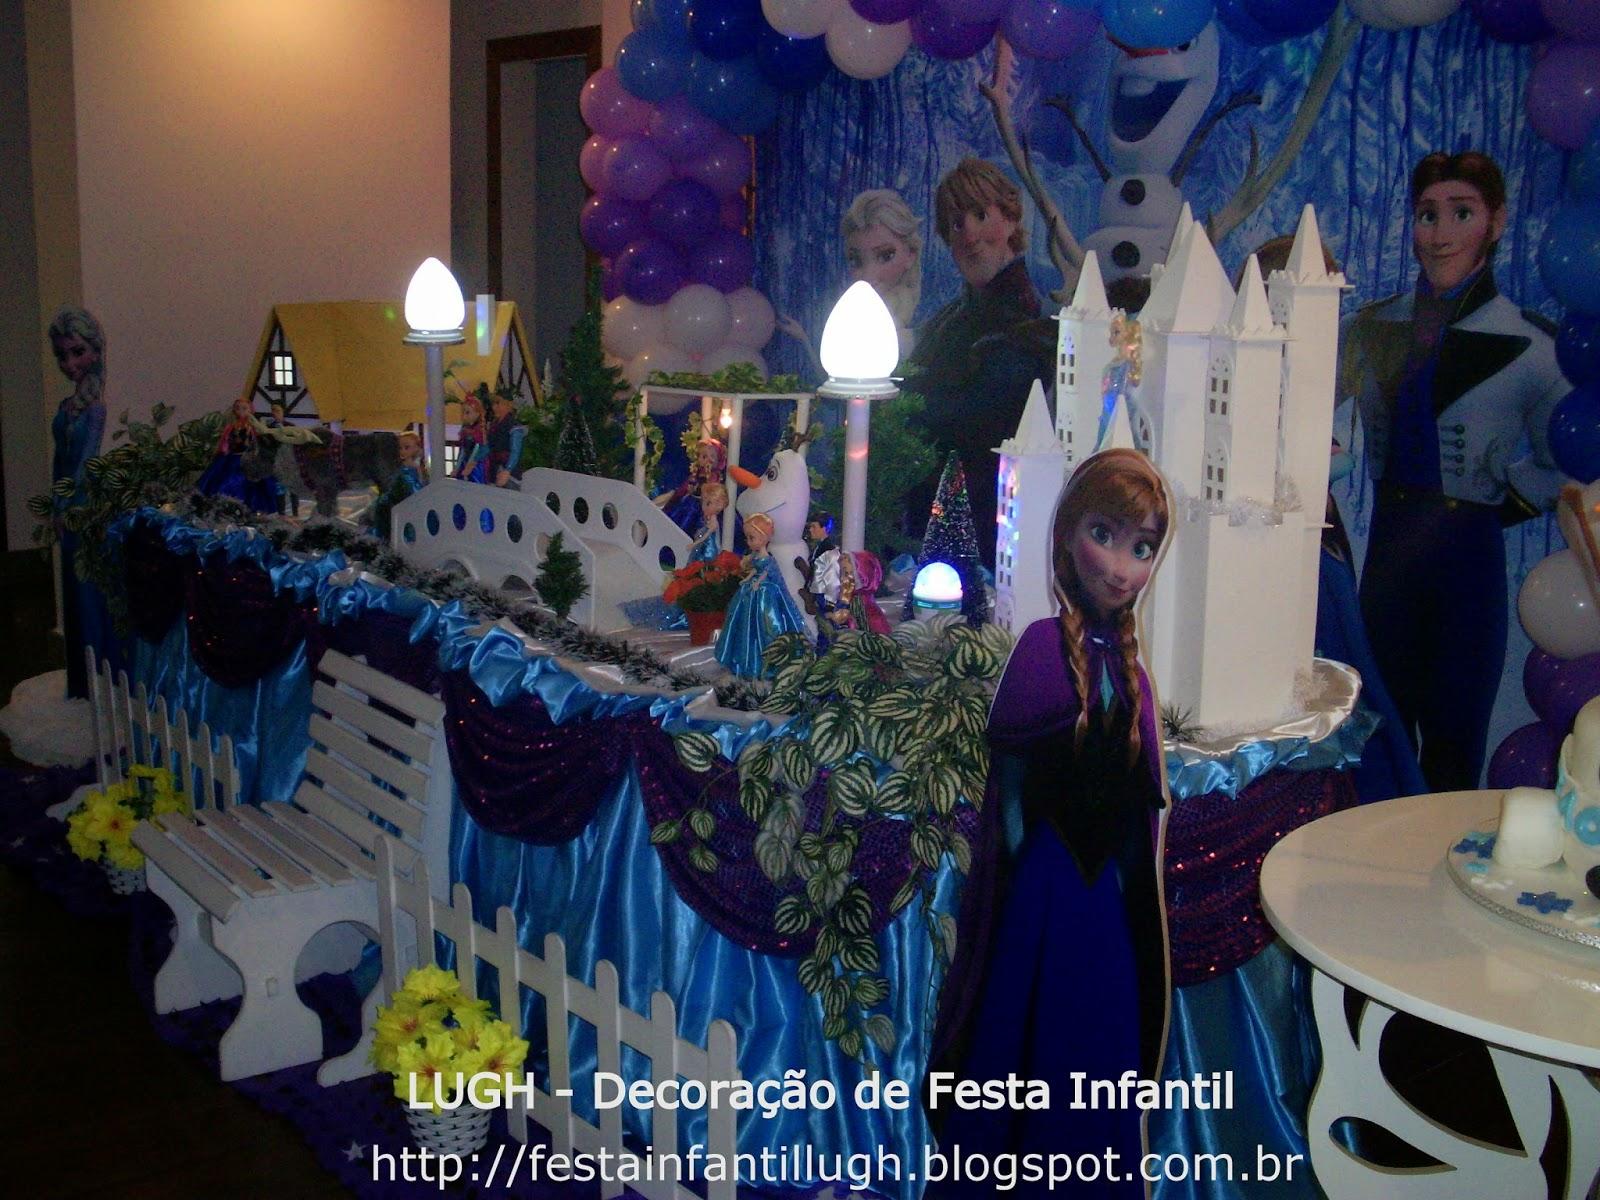 Decoração de festa de aniversário infantil para meninas com o tema Frozen